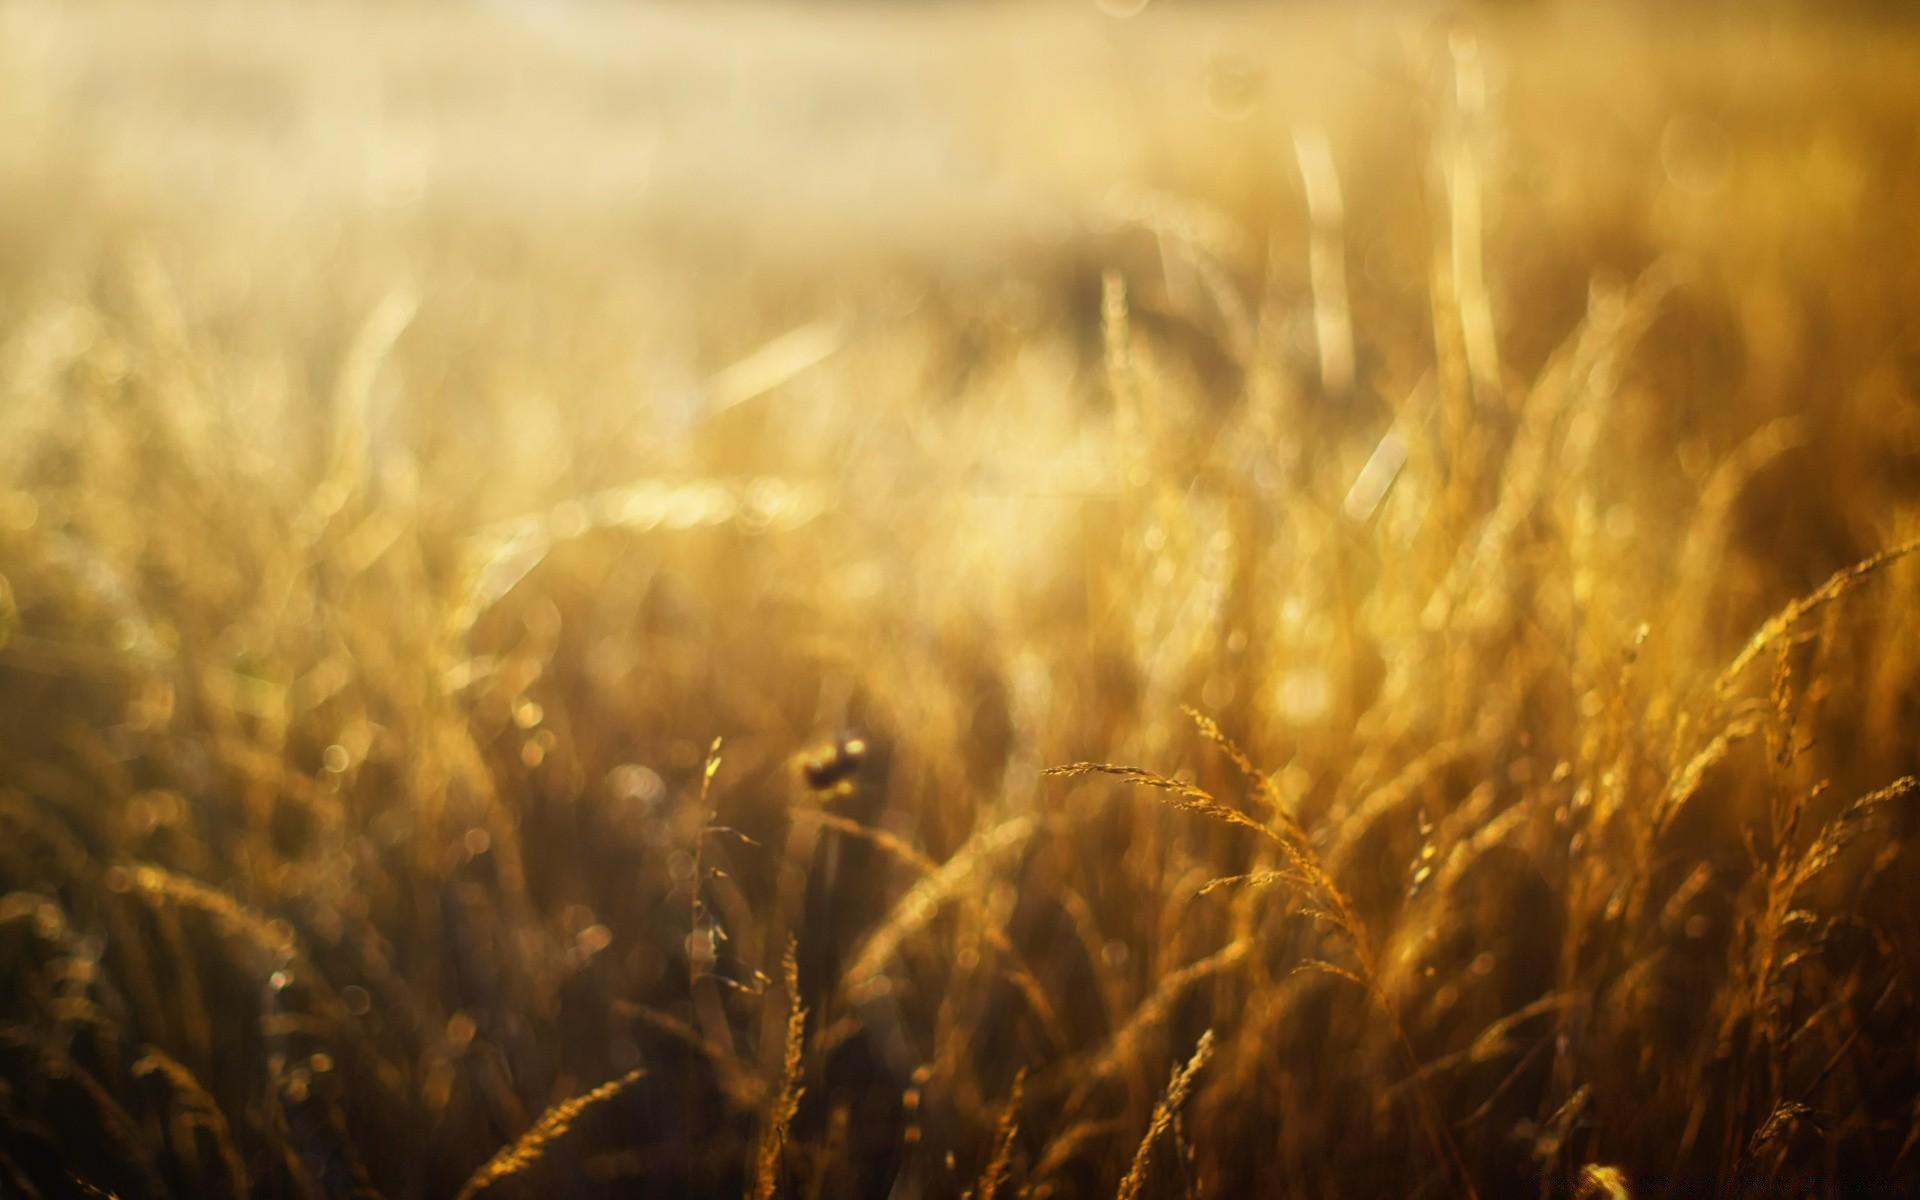 стрекозы рожь солнце золотистая без смс